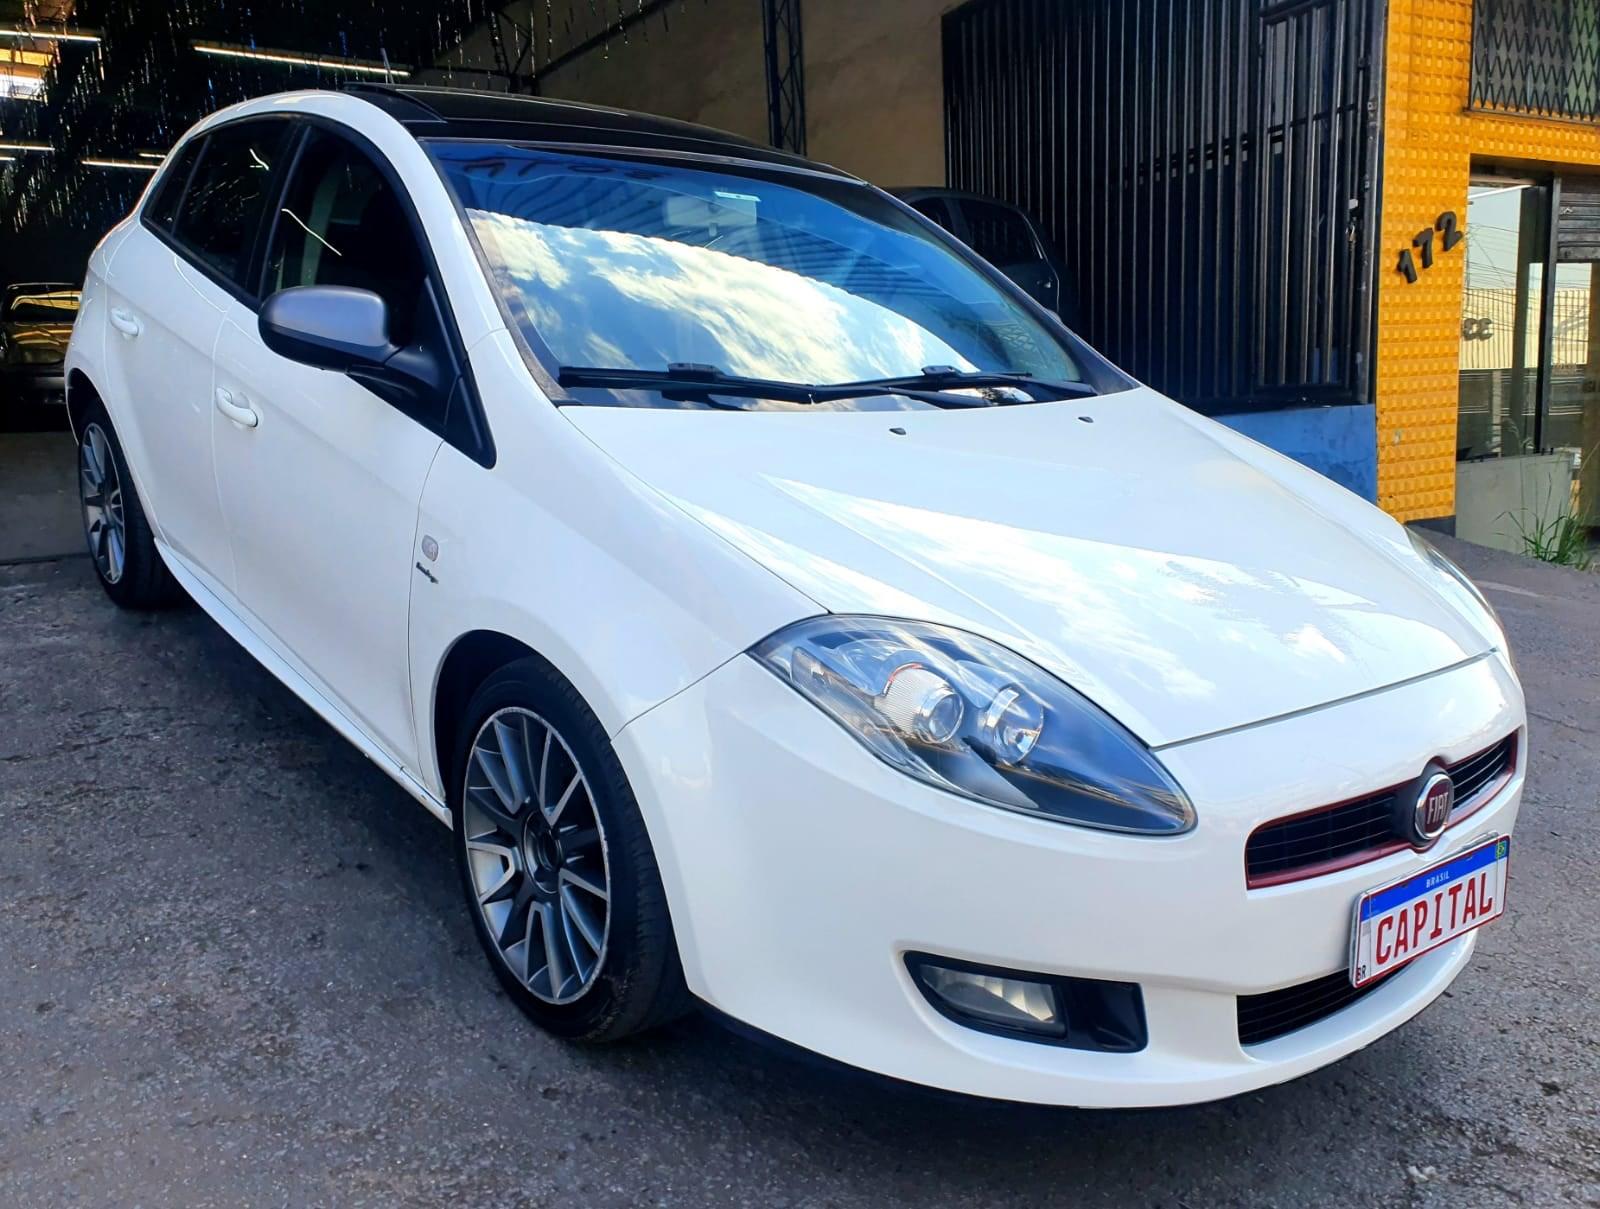 //www.autoline.com.br/carro/fiat/bravo-14-t-jet-16v-gasolina-4p-turbo-manual/2013/contagem-mg/15174578